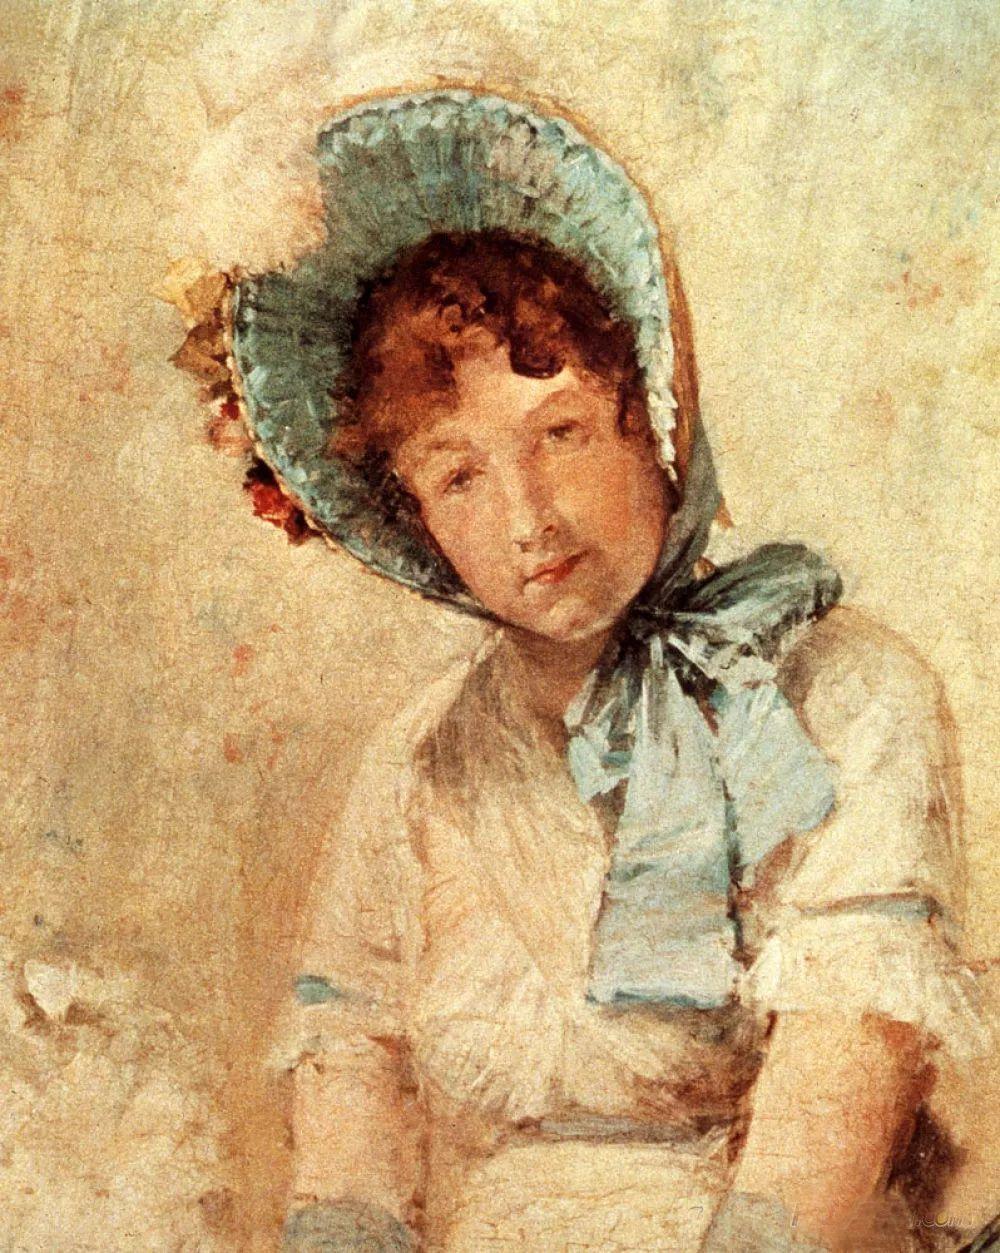 一位才华横溢的画家,上世纪初国际艺术界的领导者插图19